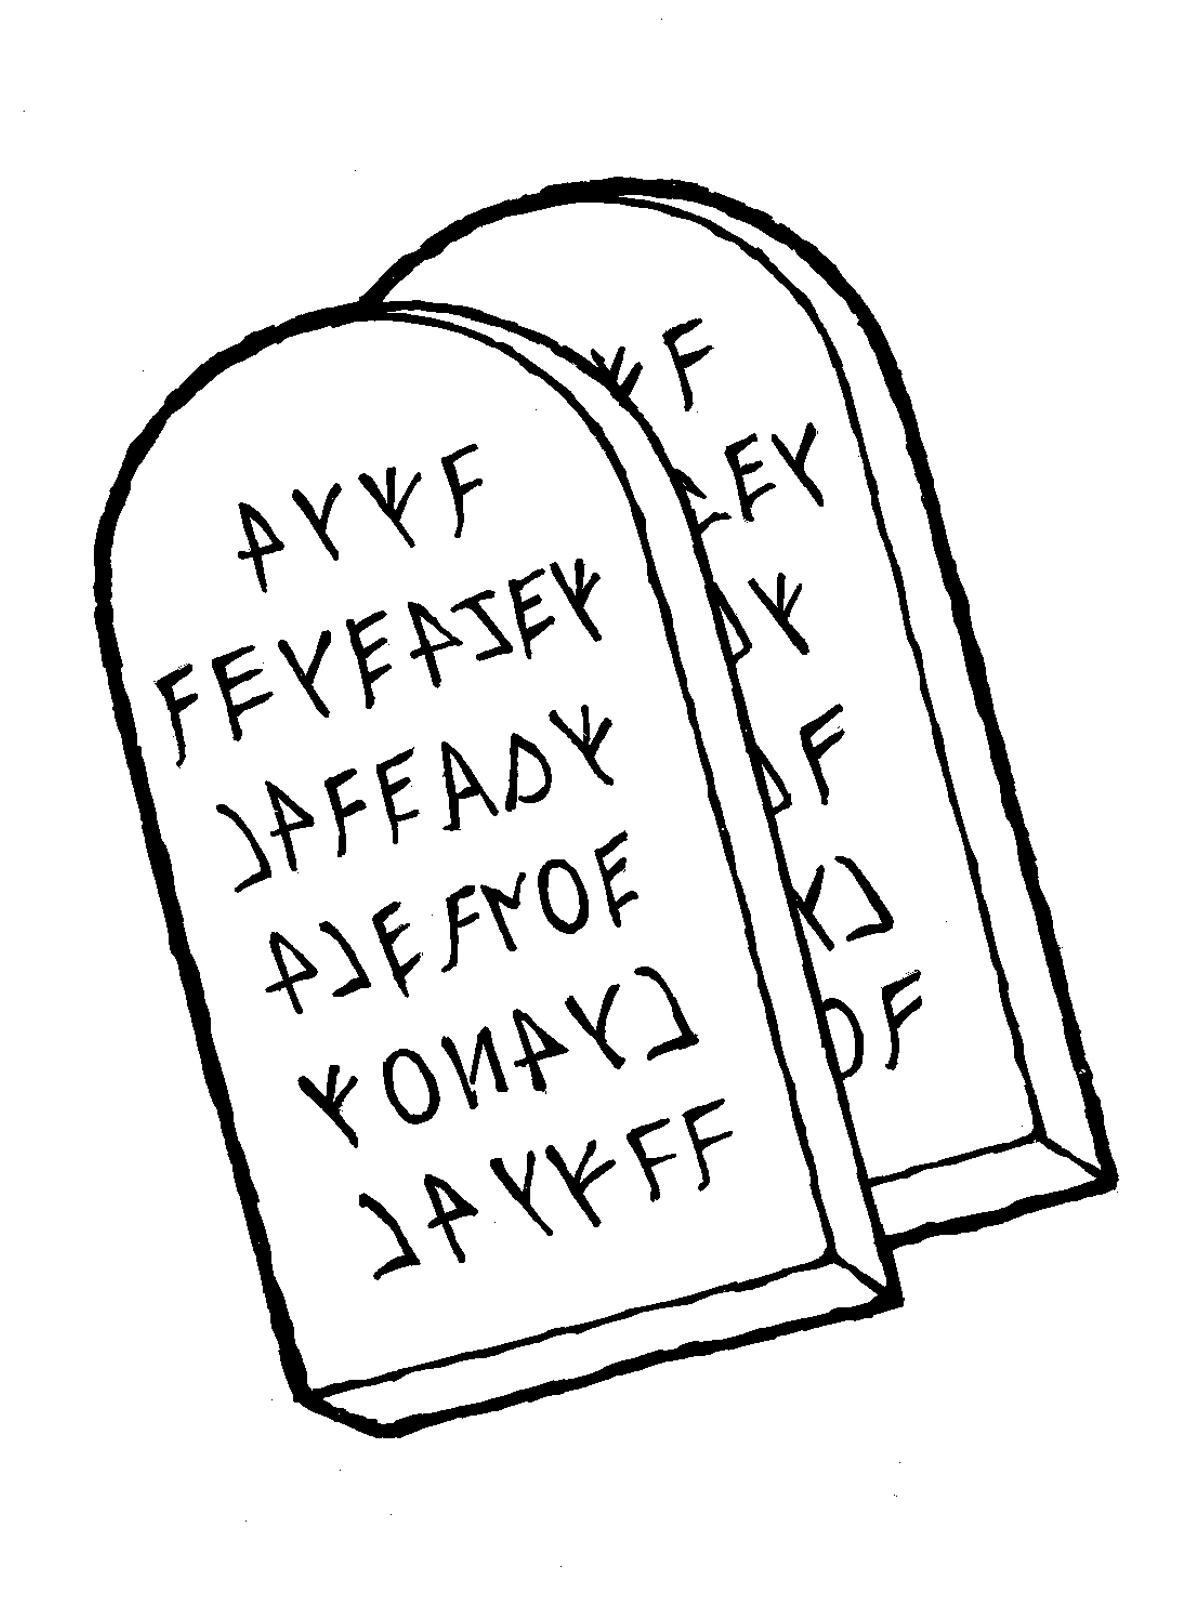 1200x1600 The Ten Commandments